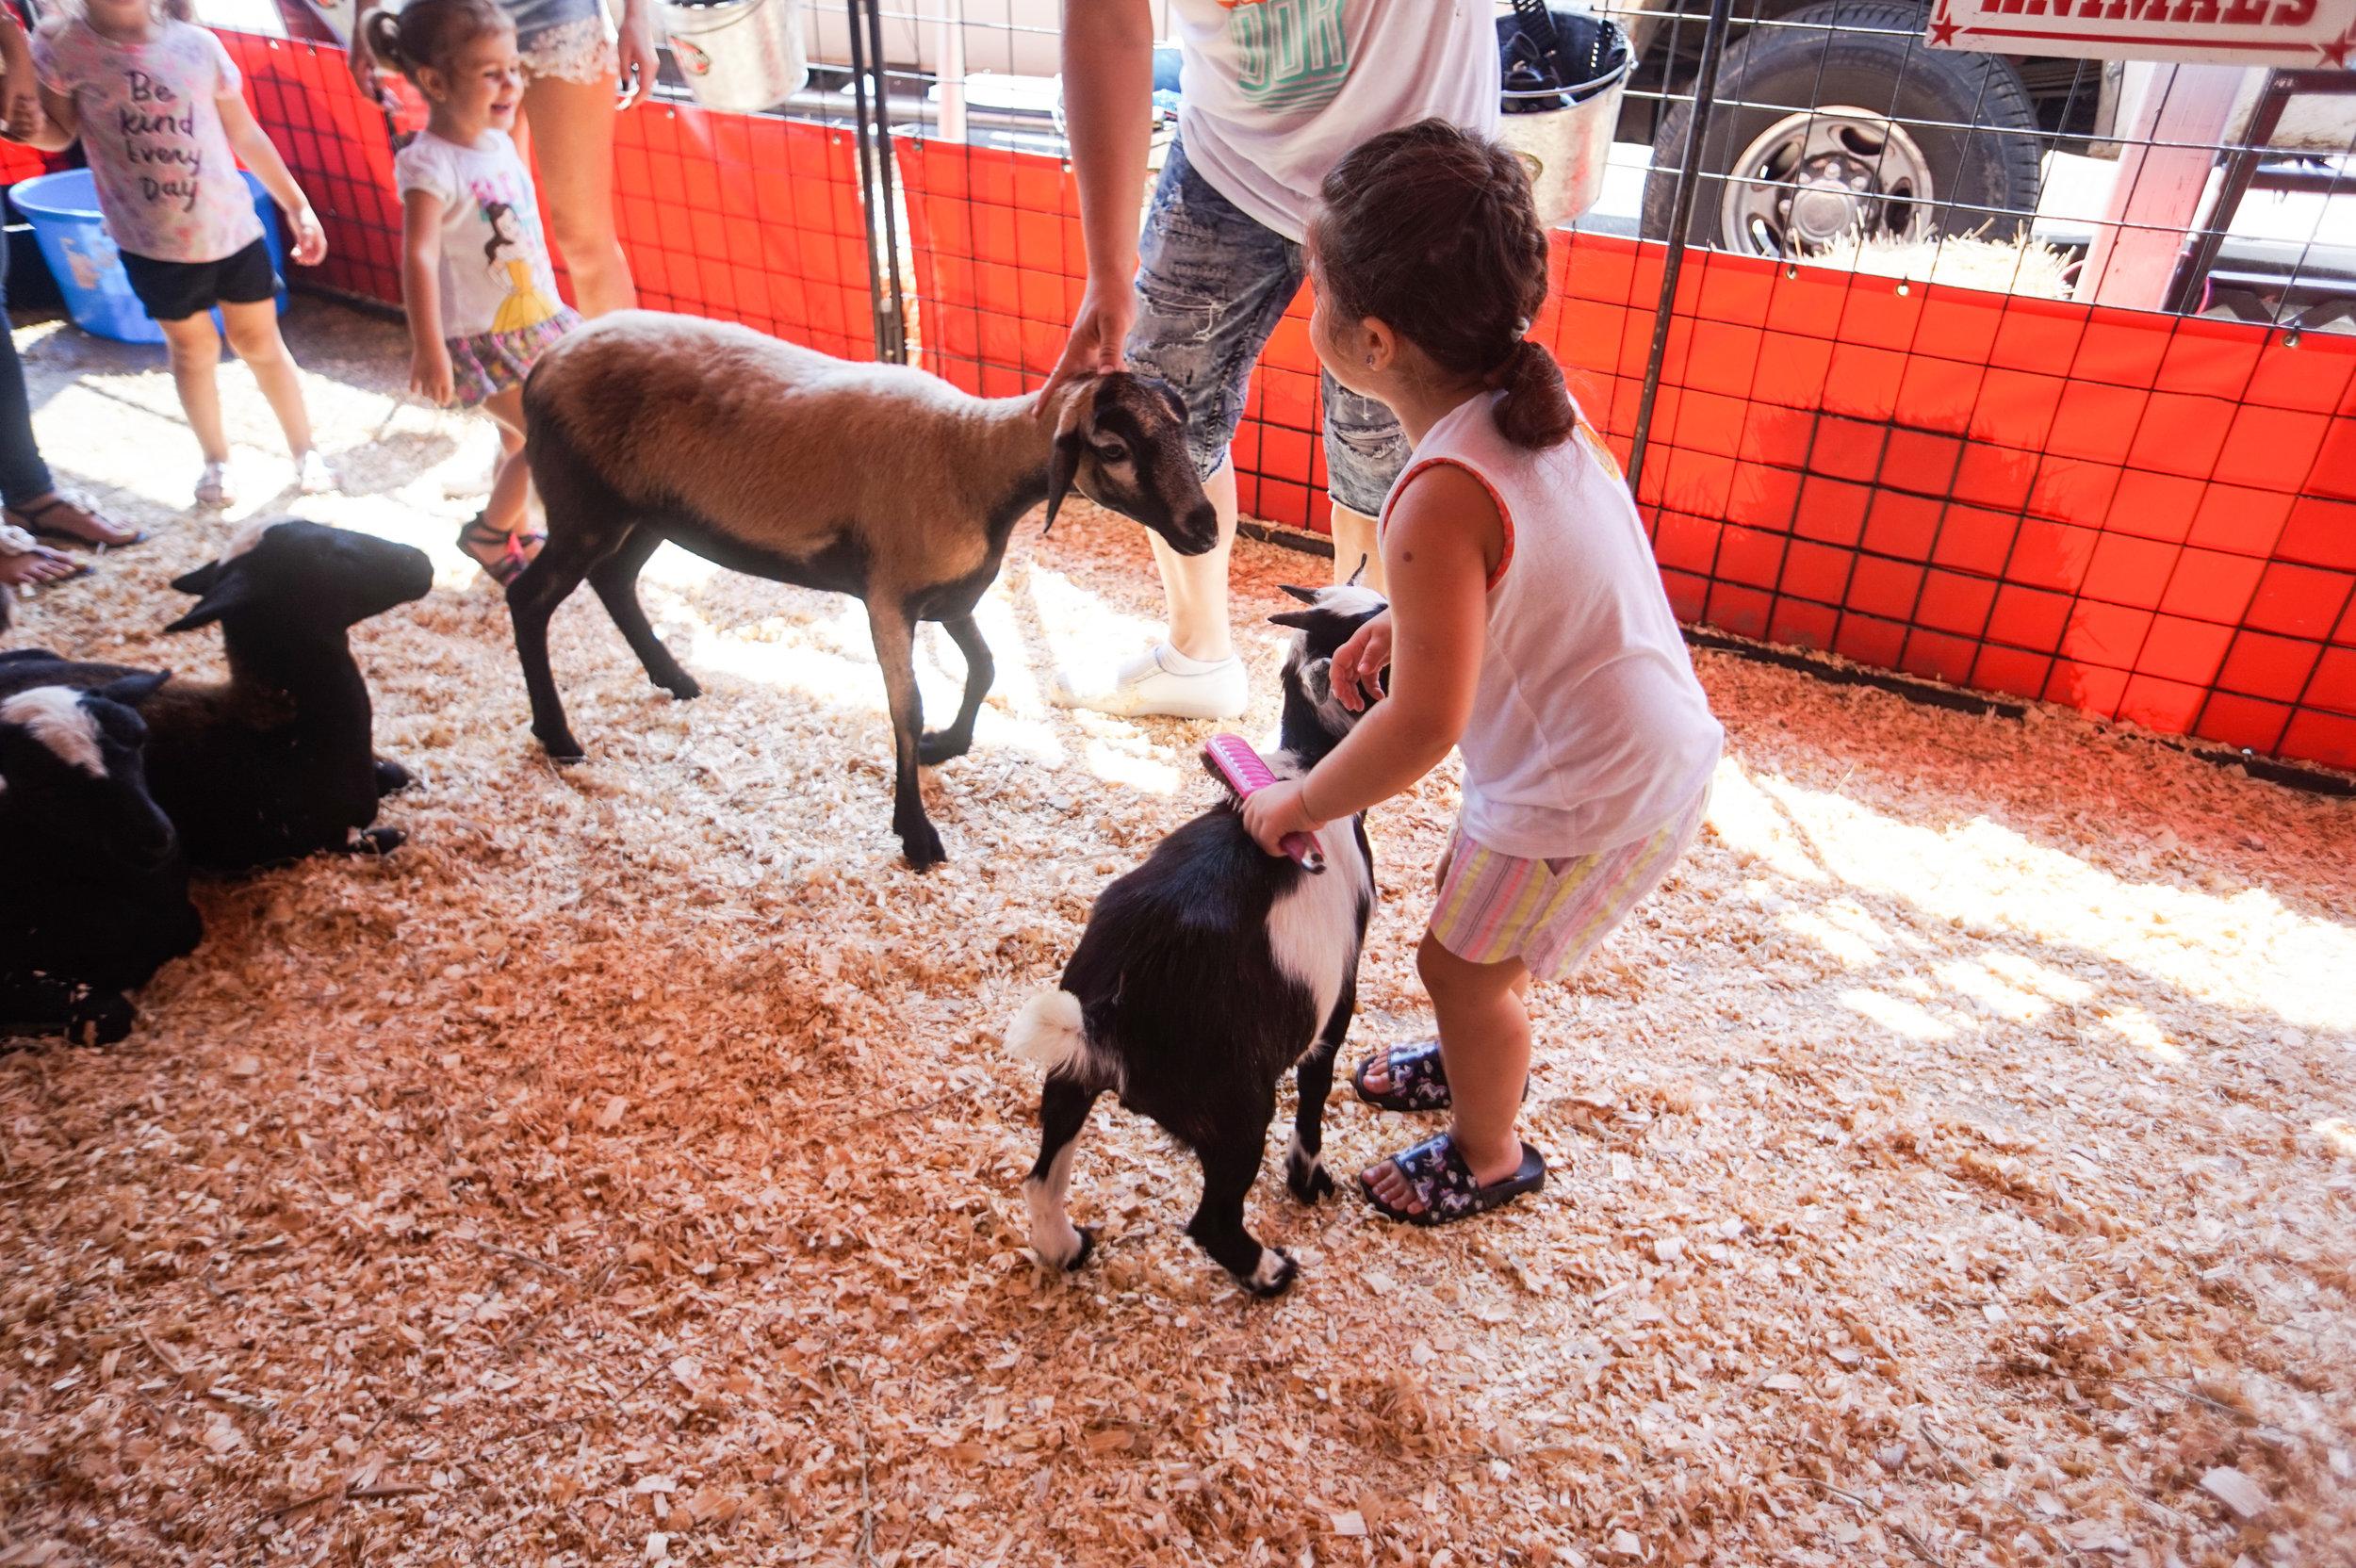 petting-zoo-17.jpg